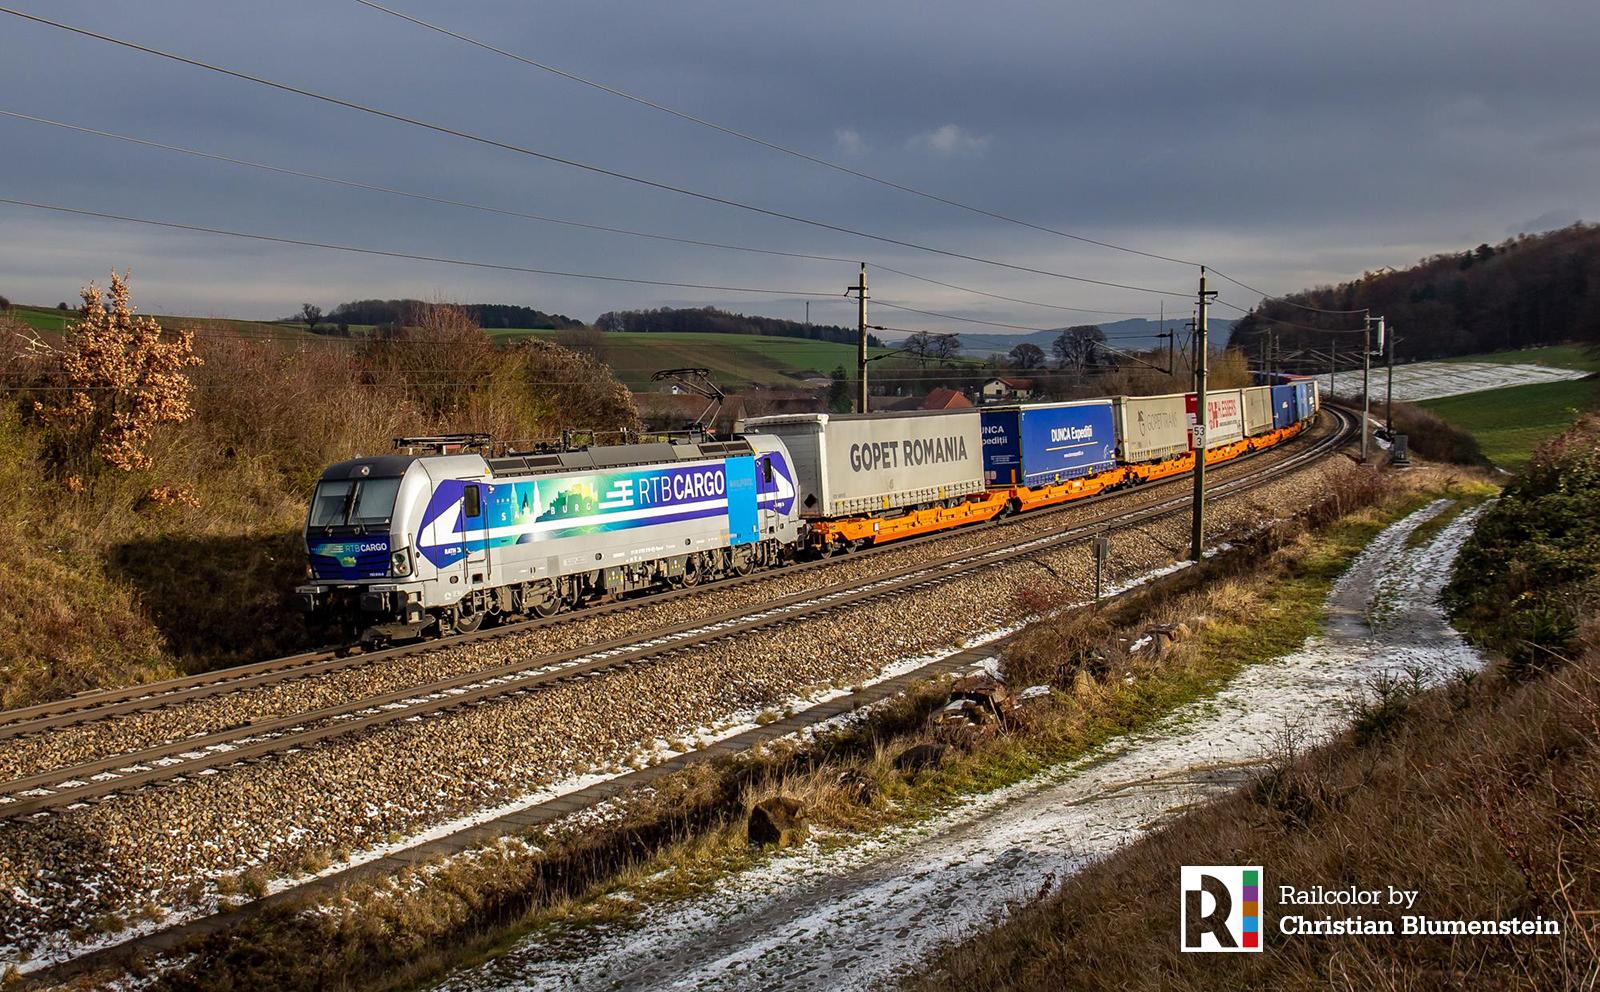 RTB_Cargo_Siemens_Vectron_193_810_Railcolornews_Christian_Blumenstein